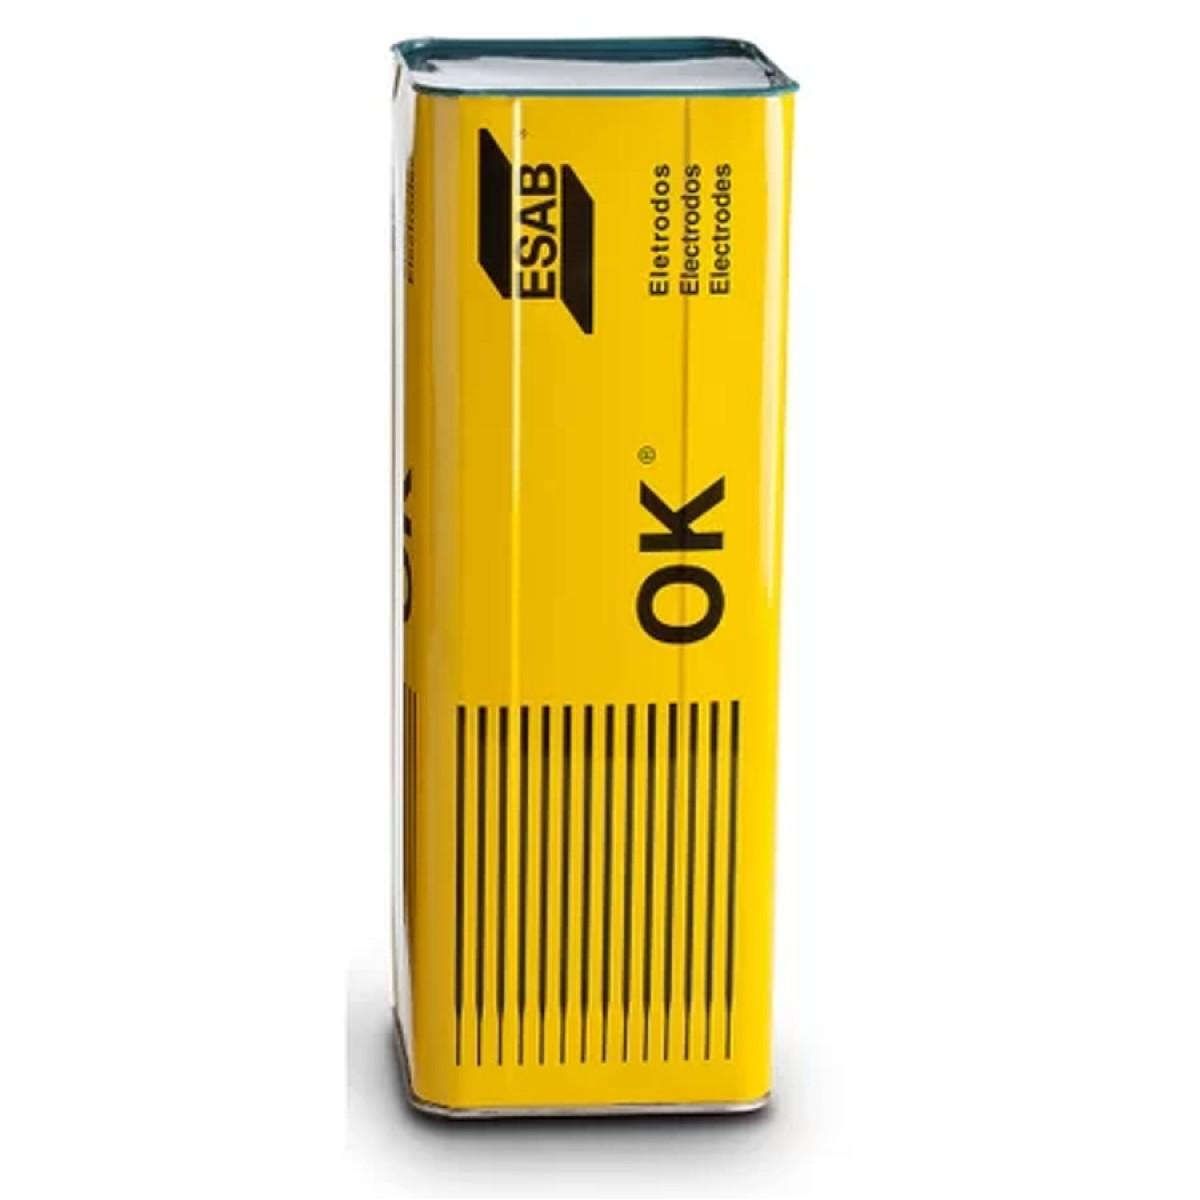 Eletrodo OK 48.04 3,25x350mm E7018 Esab Lata 18kg